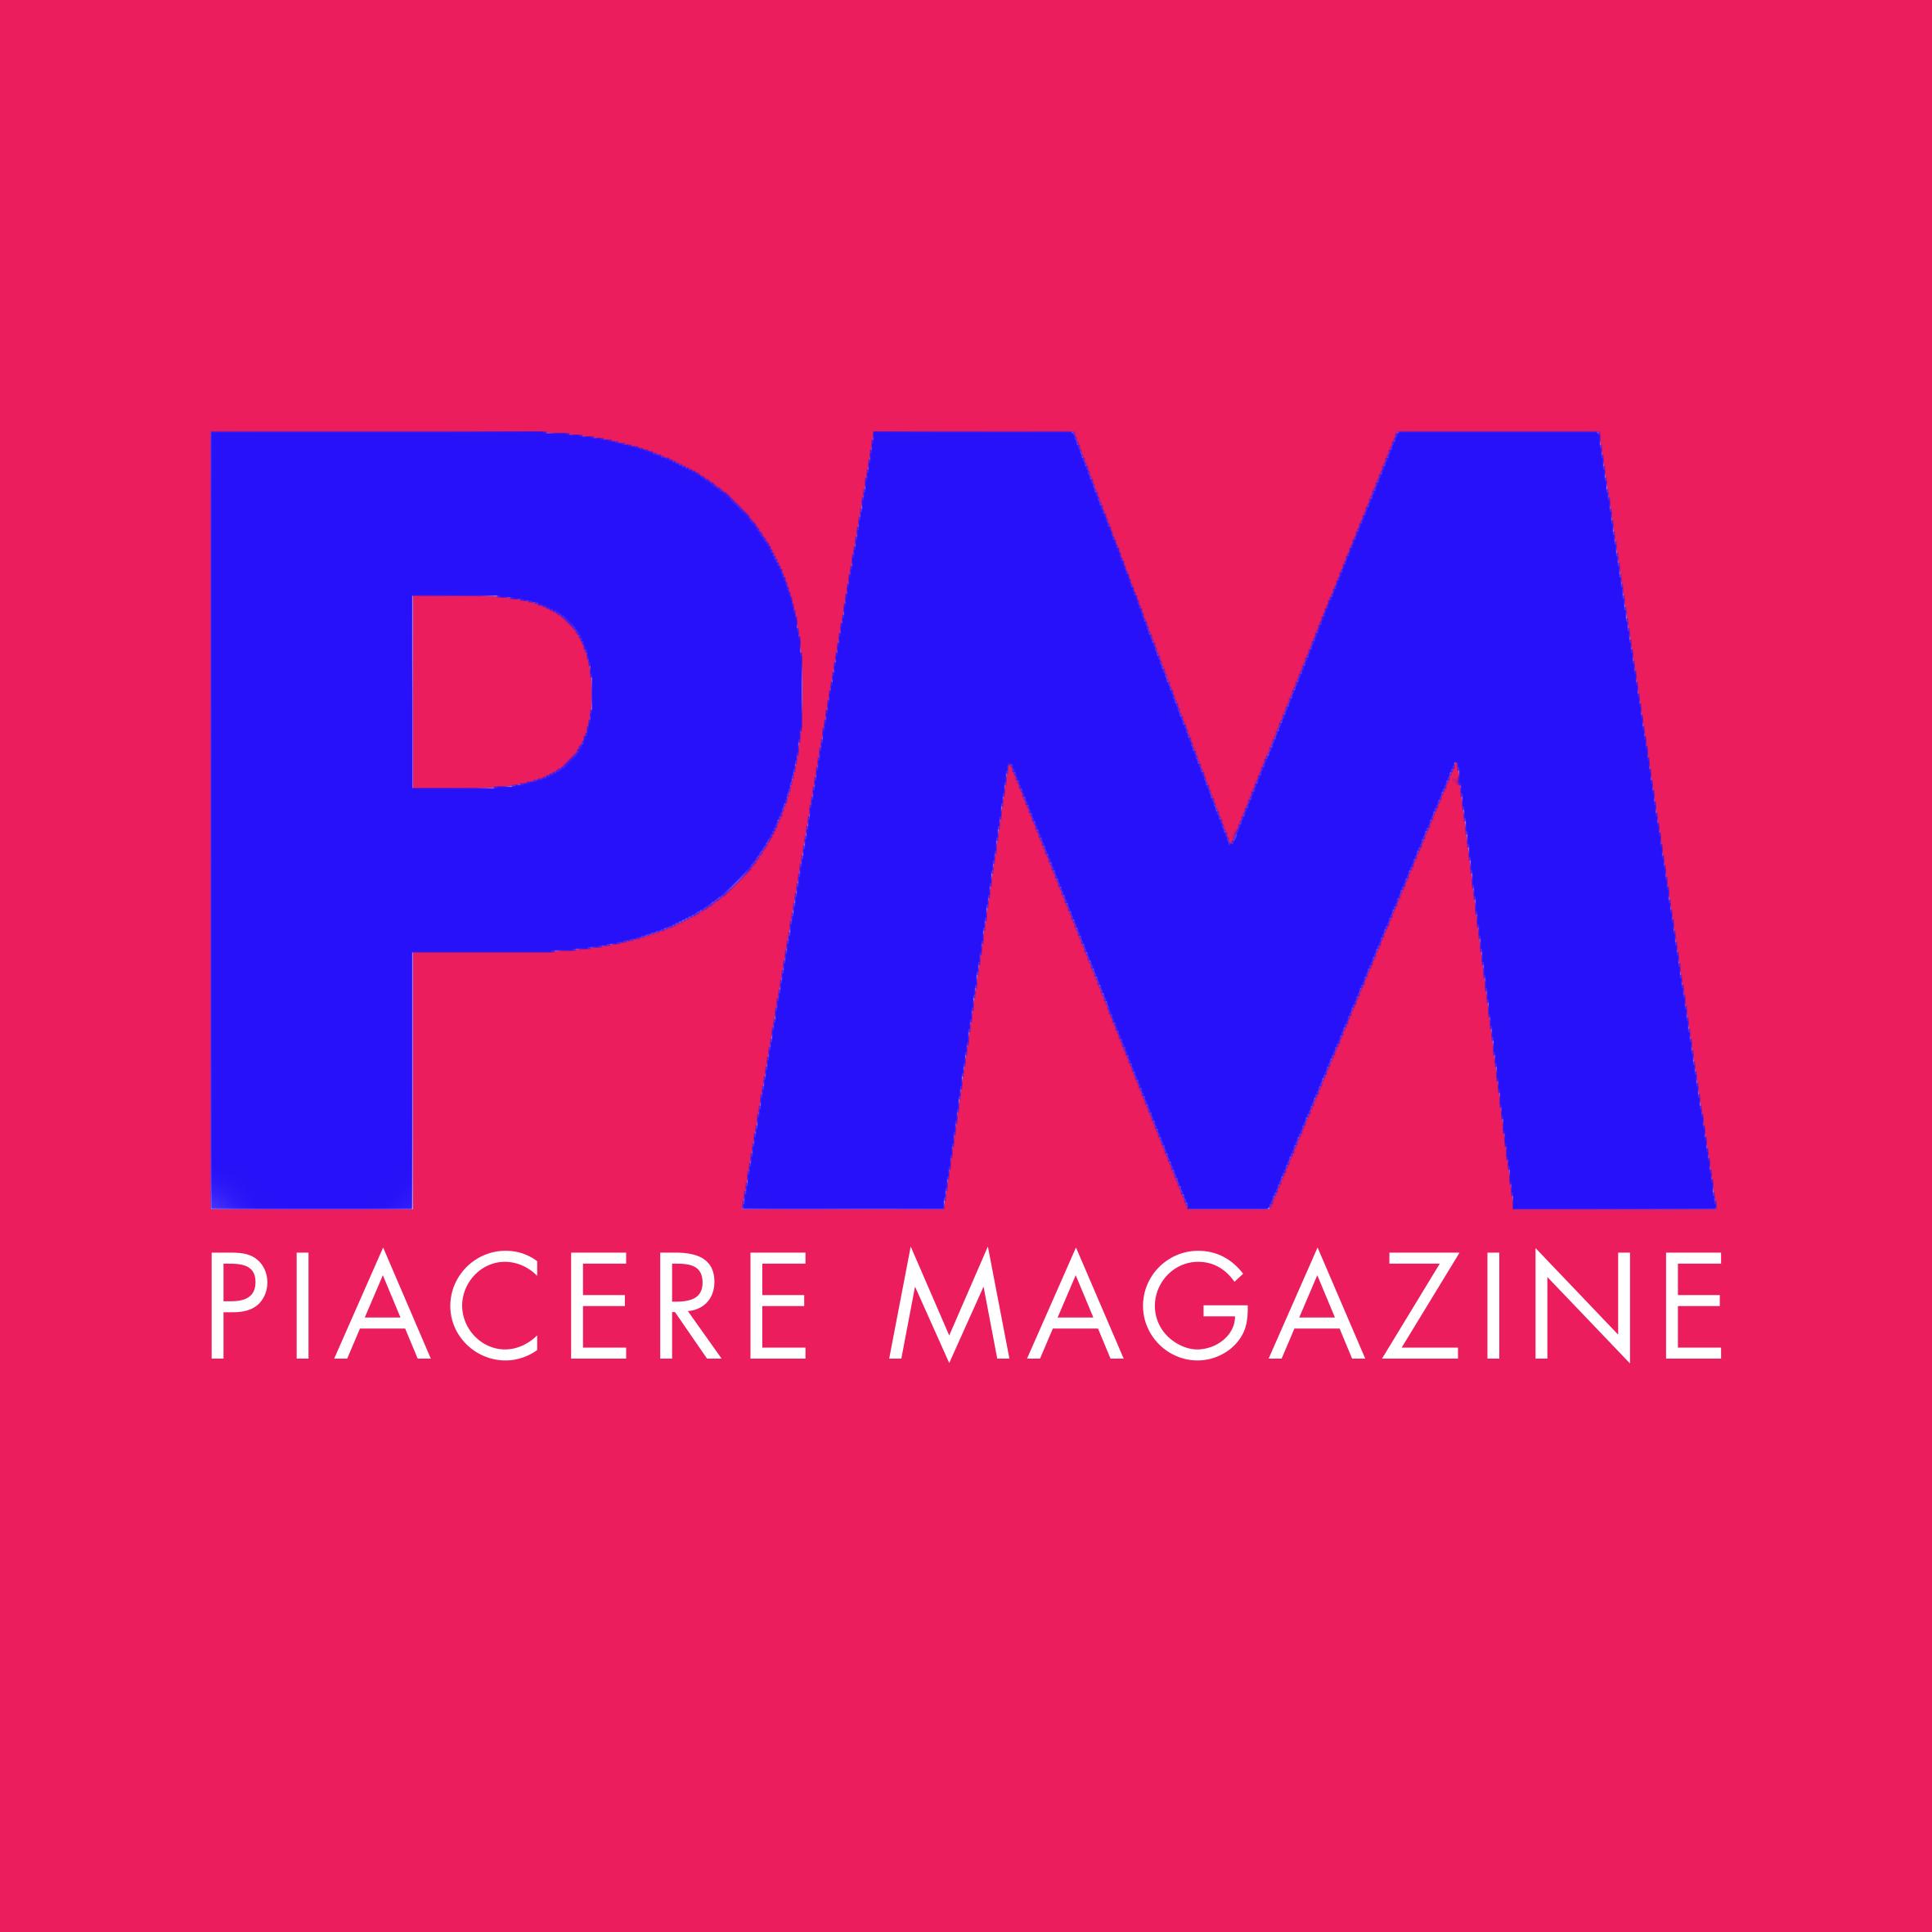 PM PROVA 3